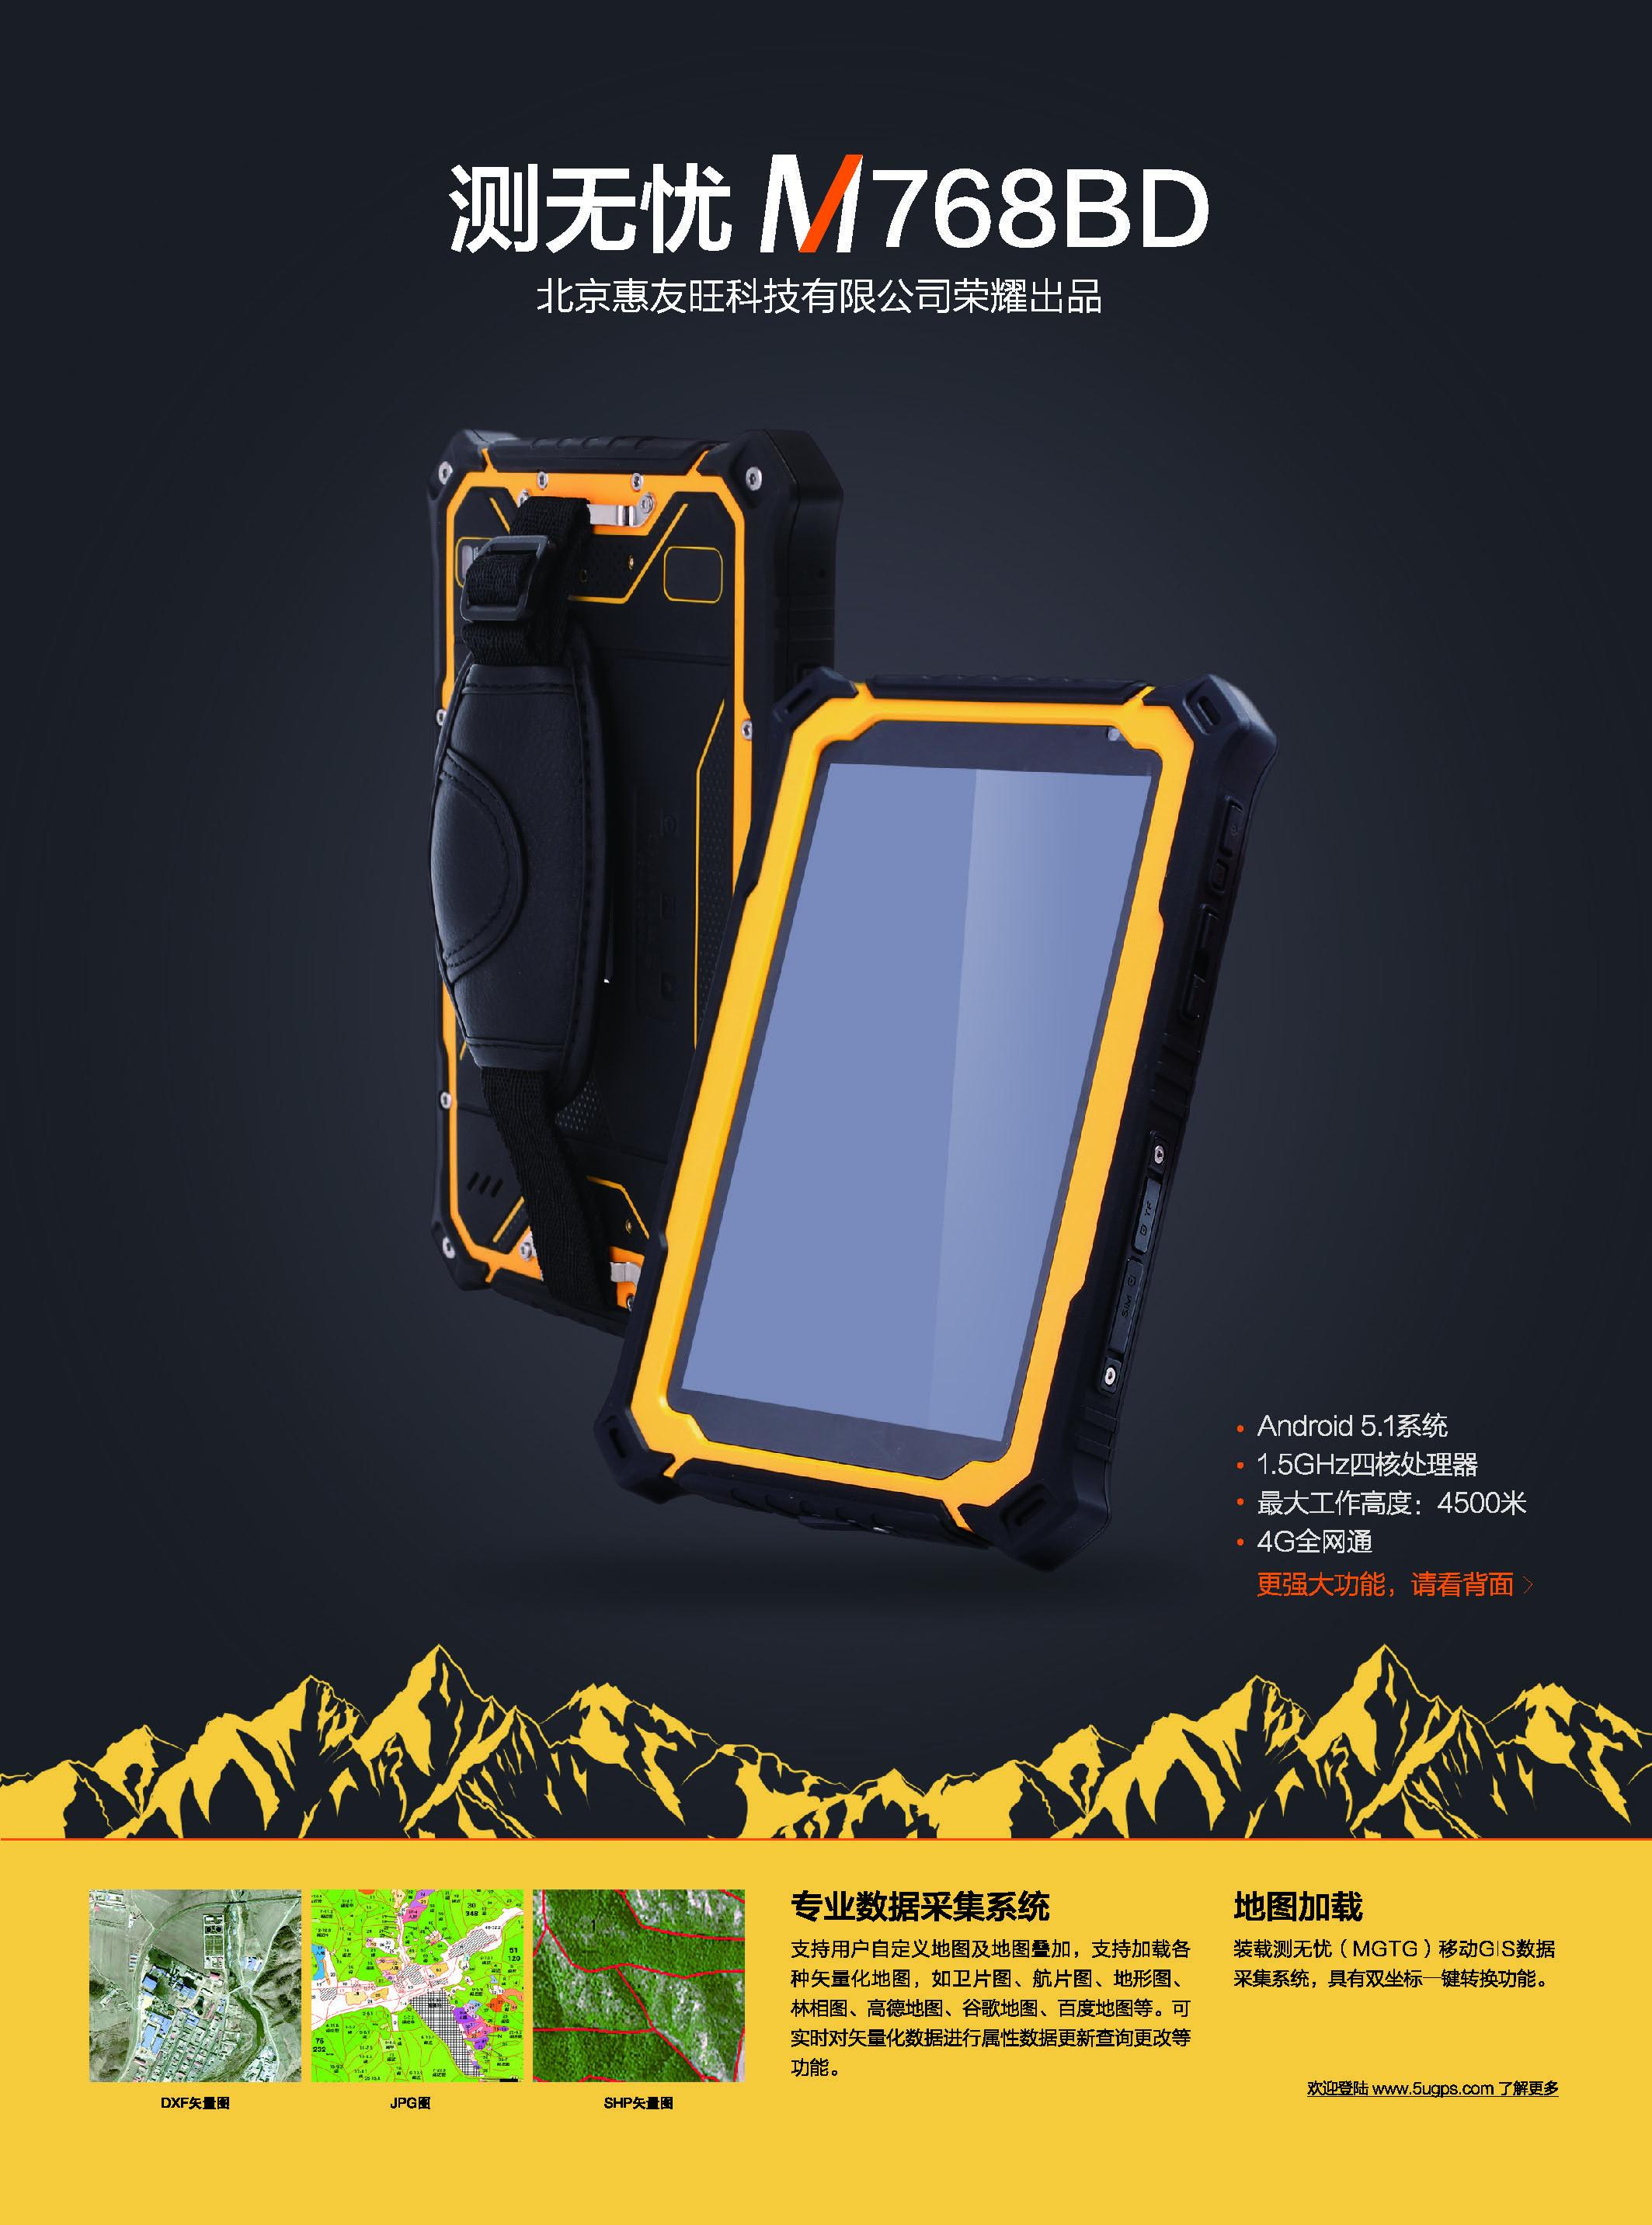 定位導航測面積于一體的PDA型手持GPS 測無憂M768BD